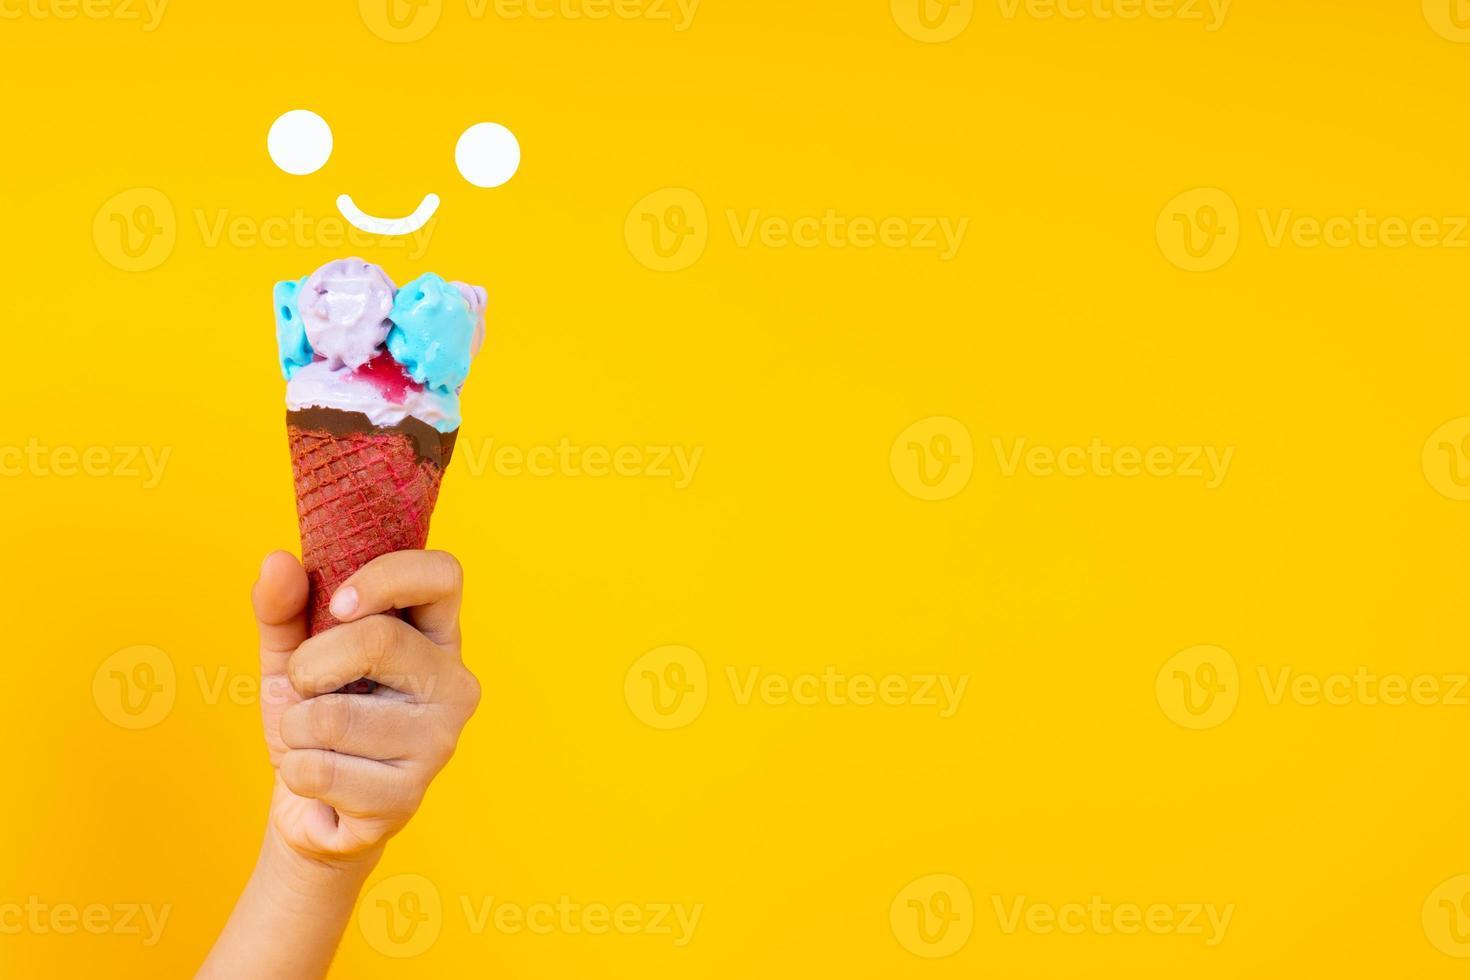 vicino la mano che tiene il cono gelato colorato su sfondo giallo foto